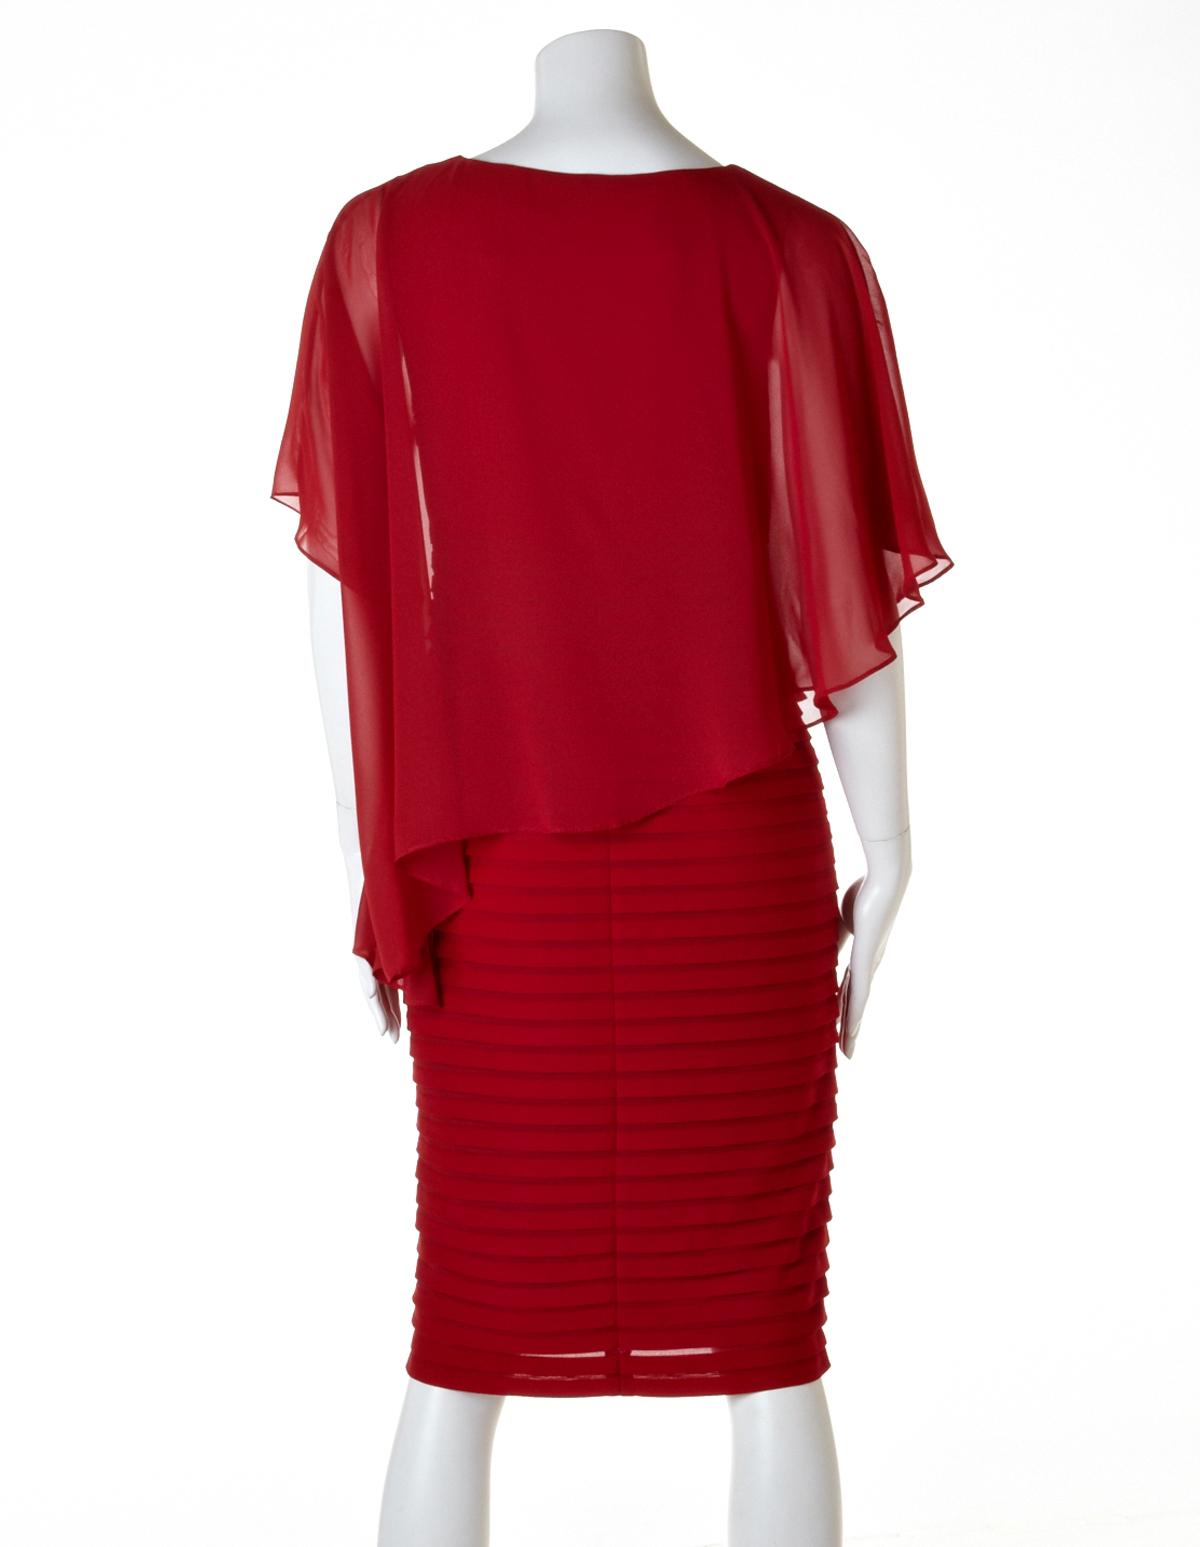 Red chiffon shift dress